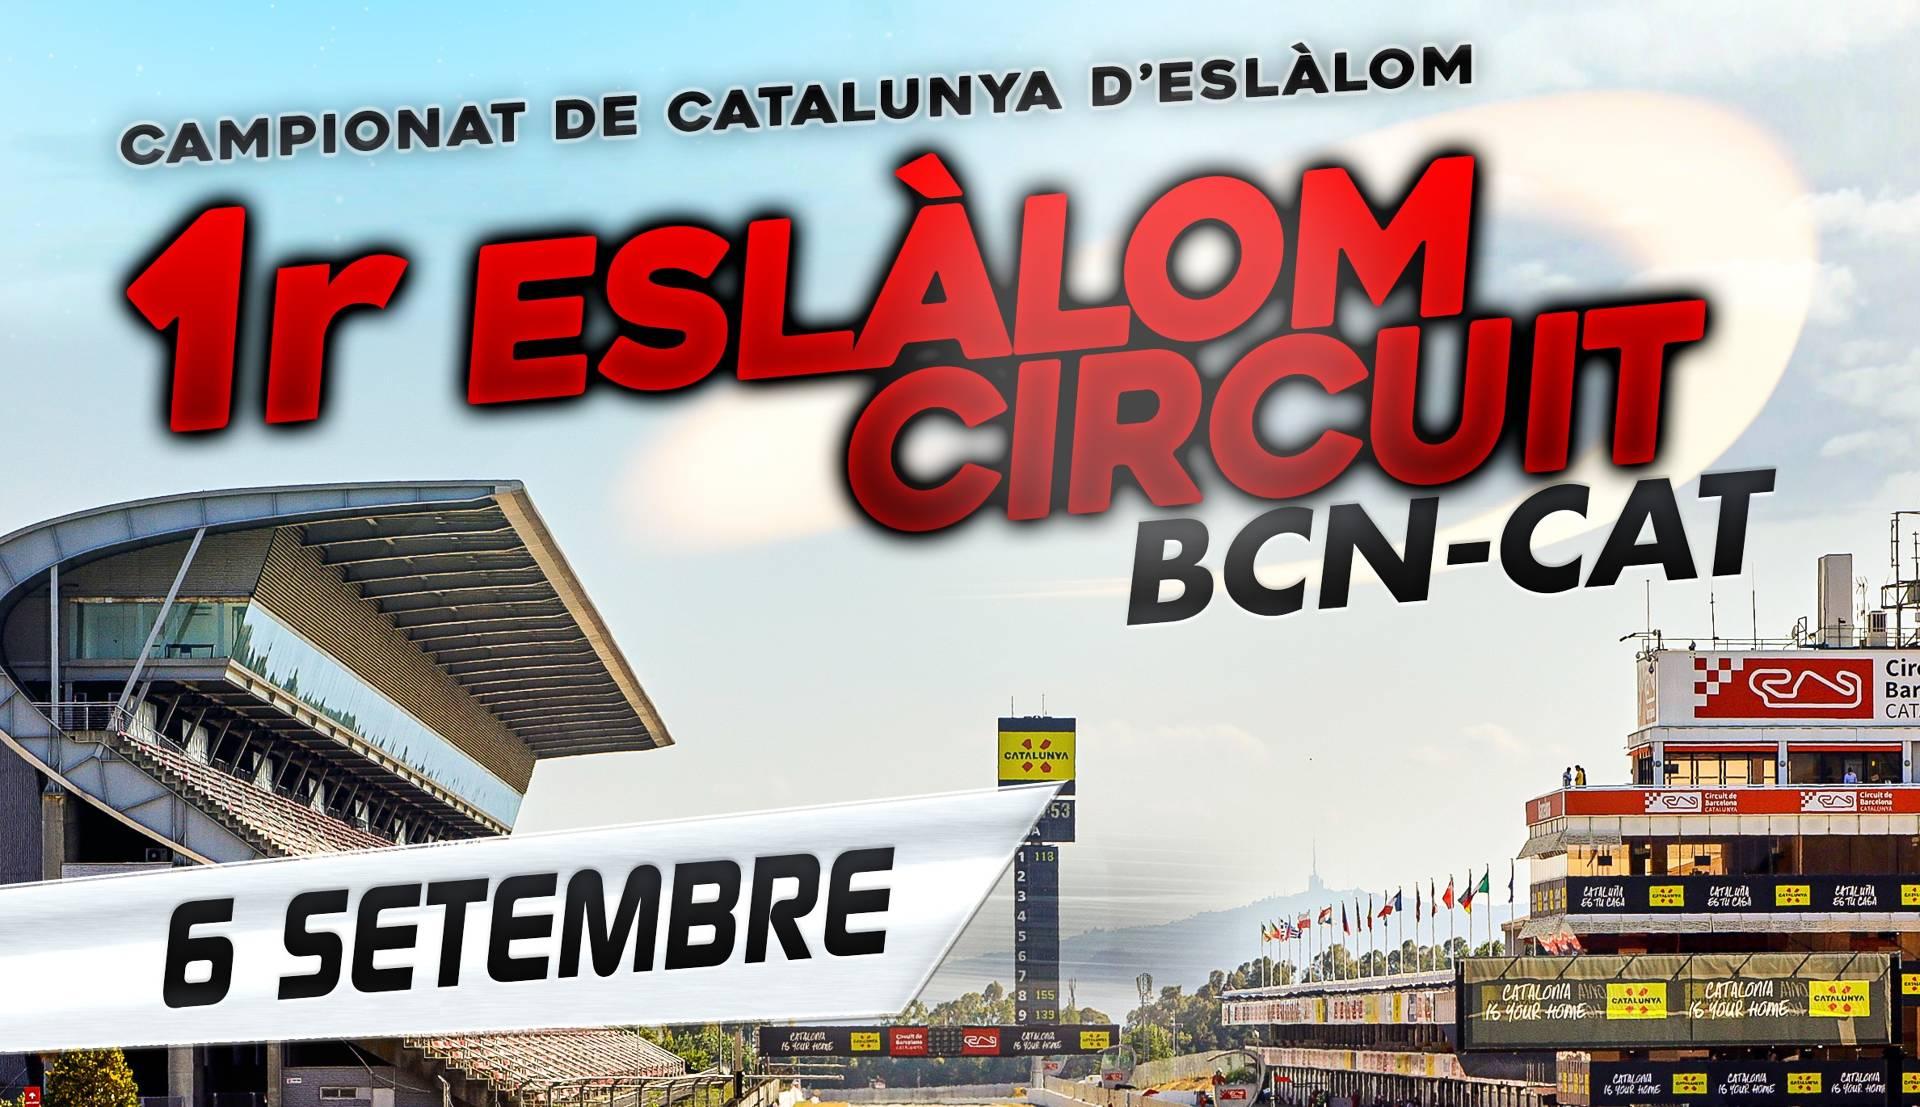 1r. Eslàlom Circuit BCN-CAT